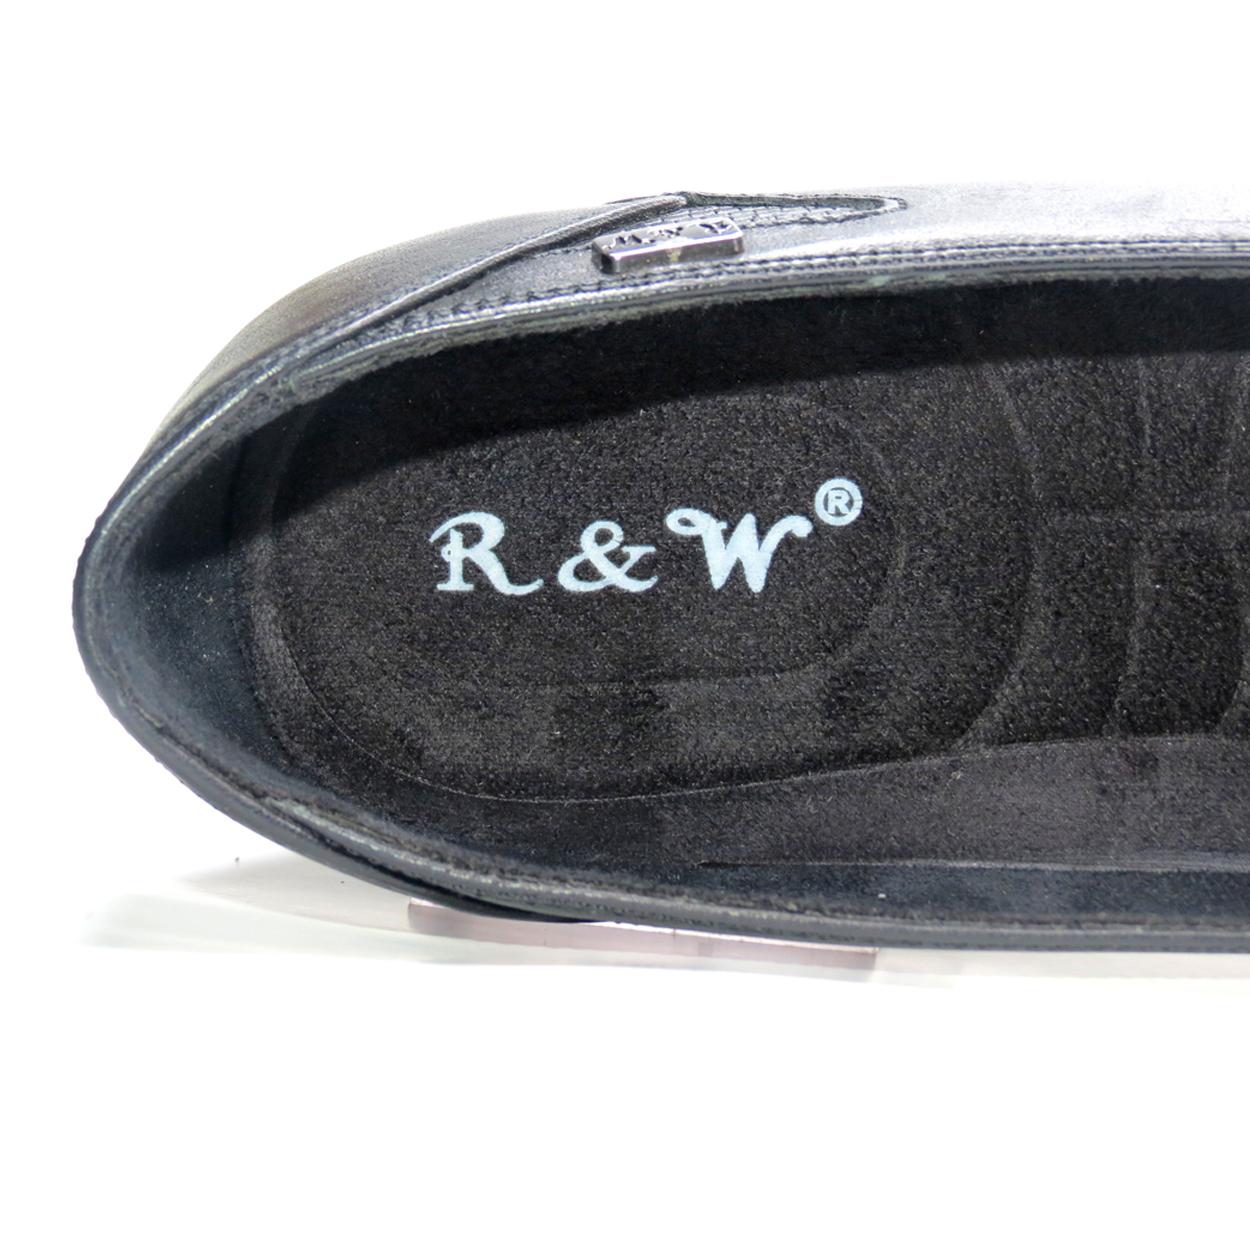 کفش روزمره زنانه آر اند دبلیو مدل 805 رنگ مشکی -  - 9